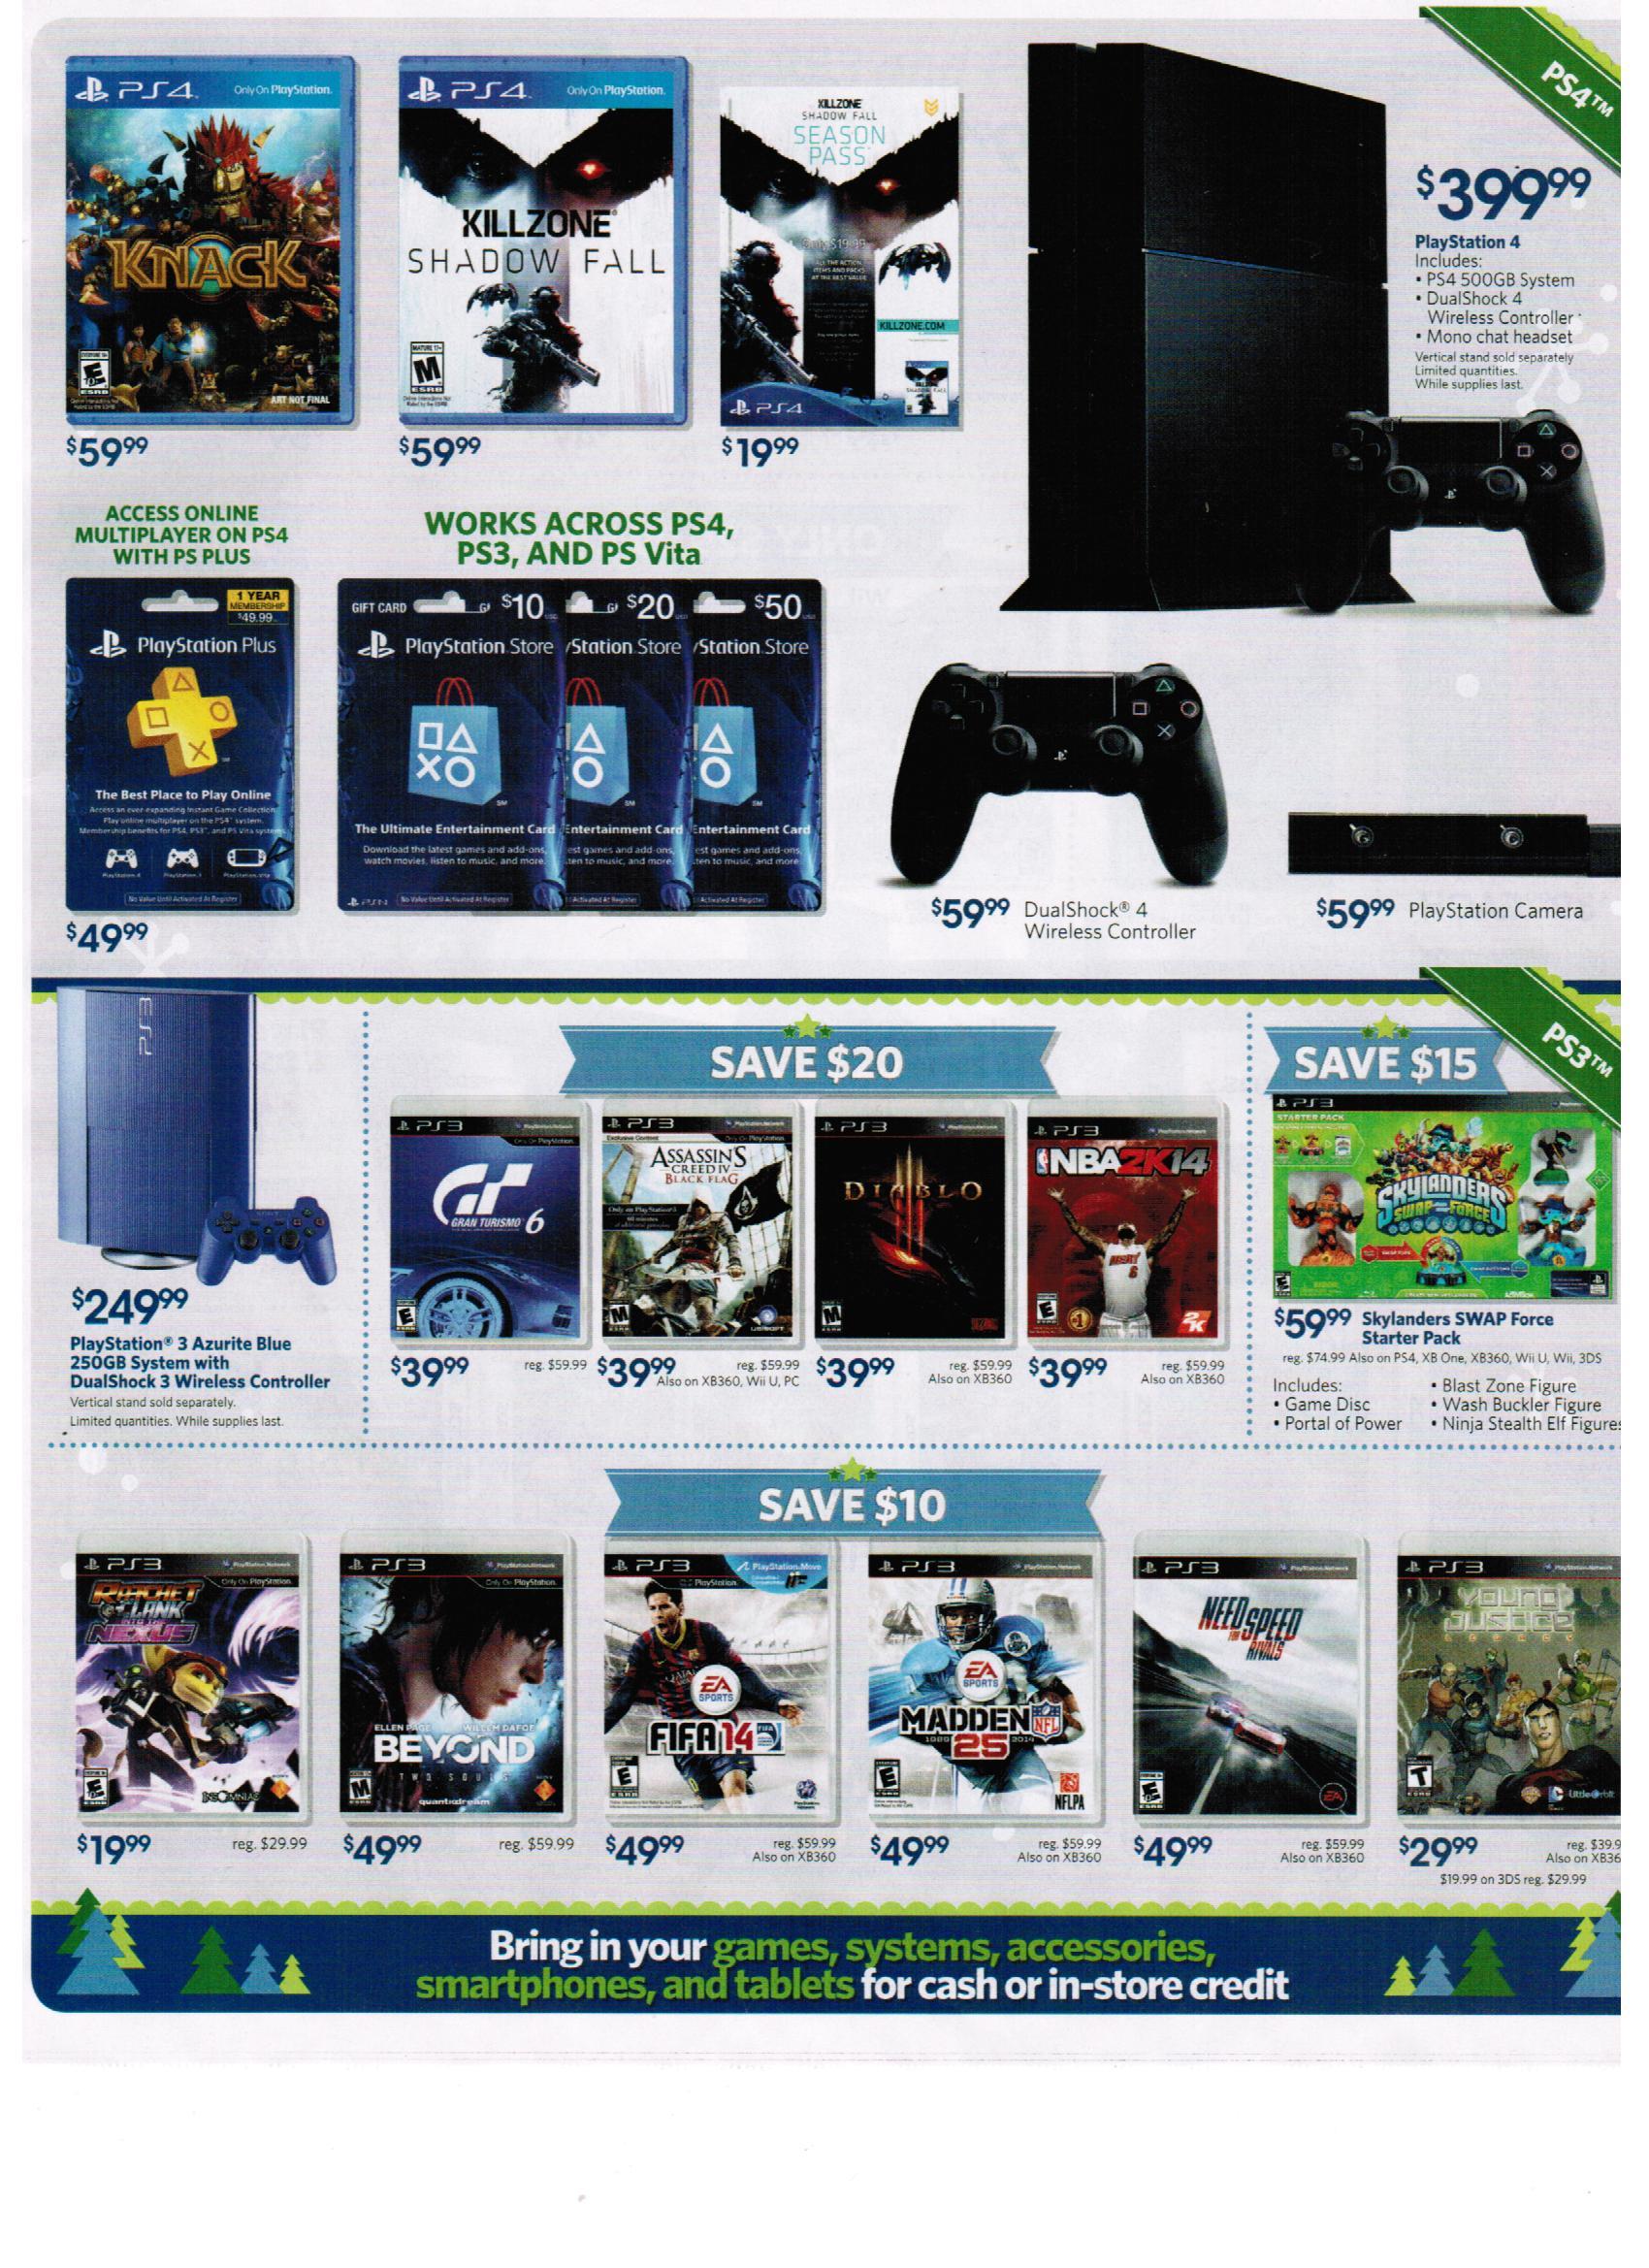 A look at GameStop's